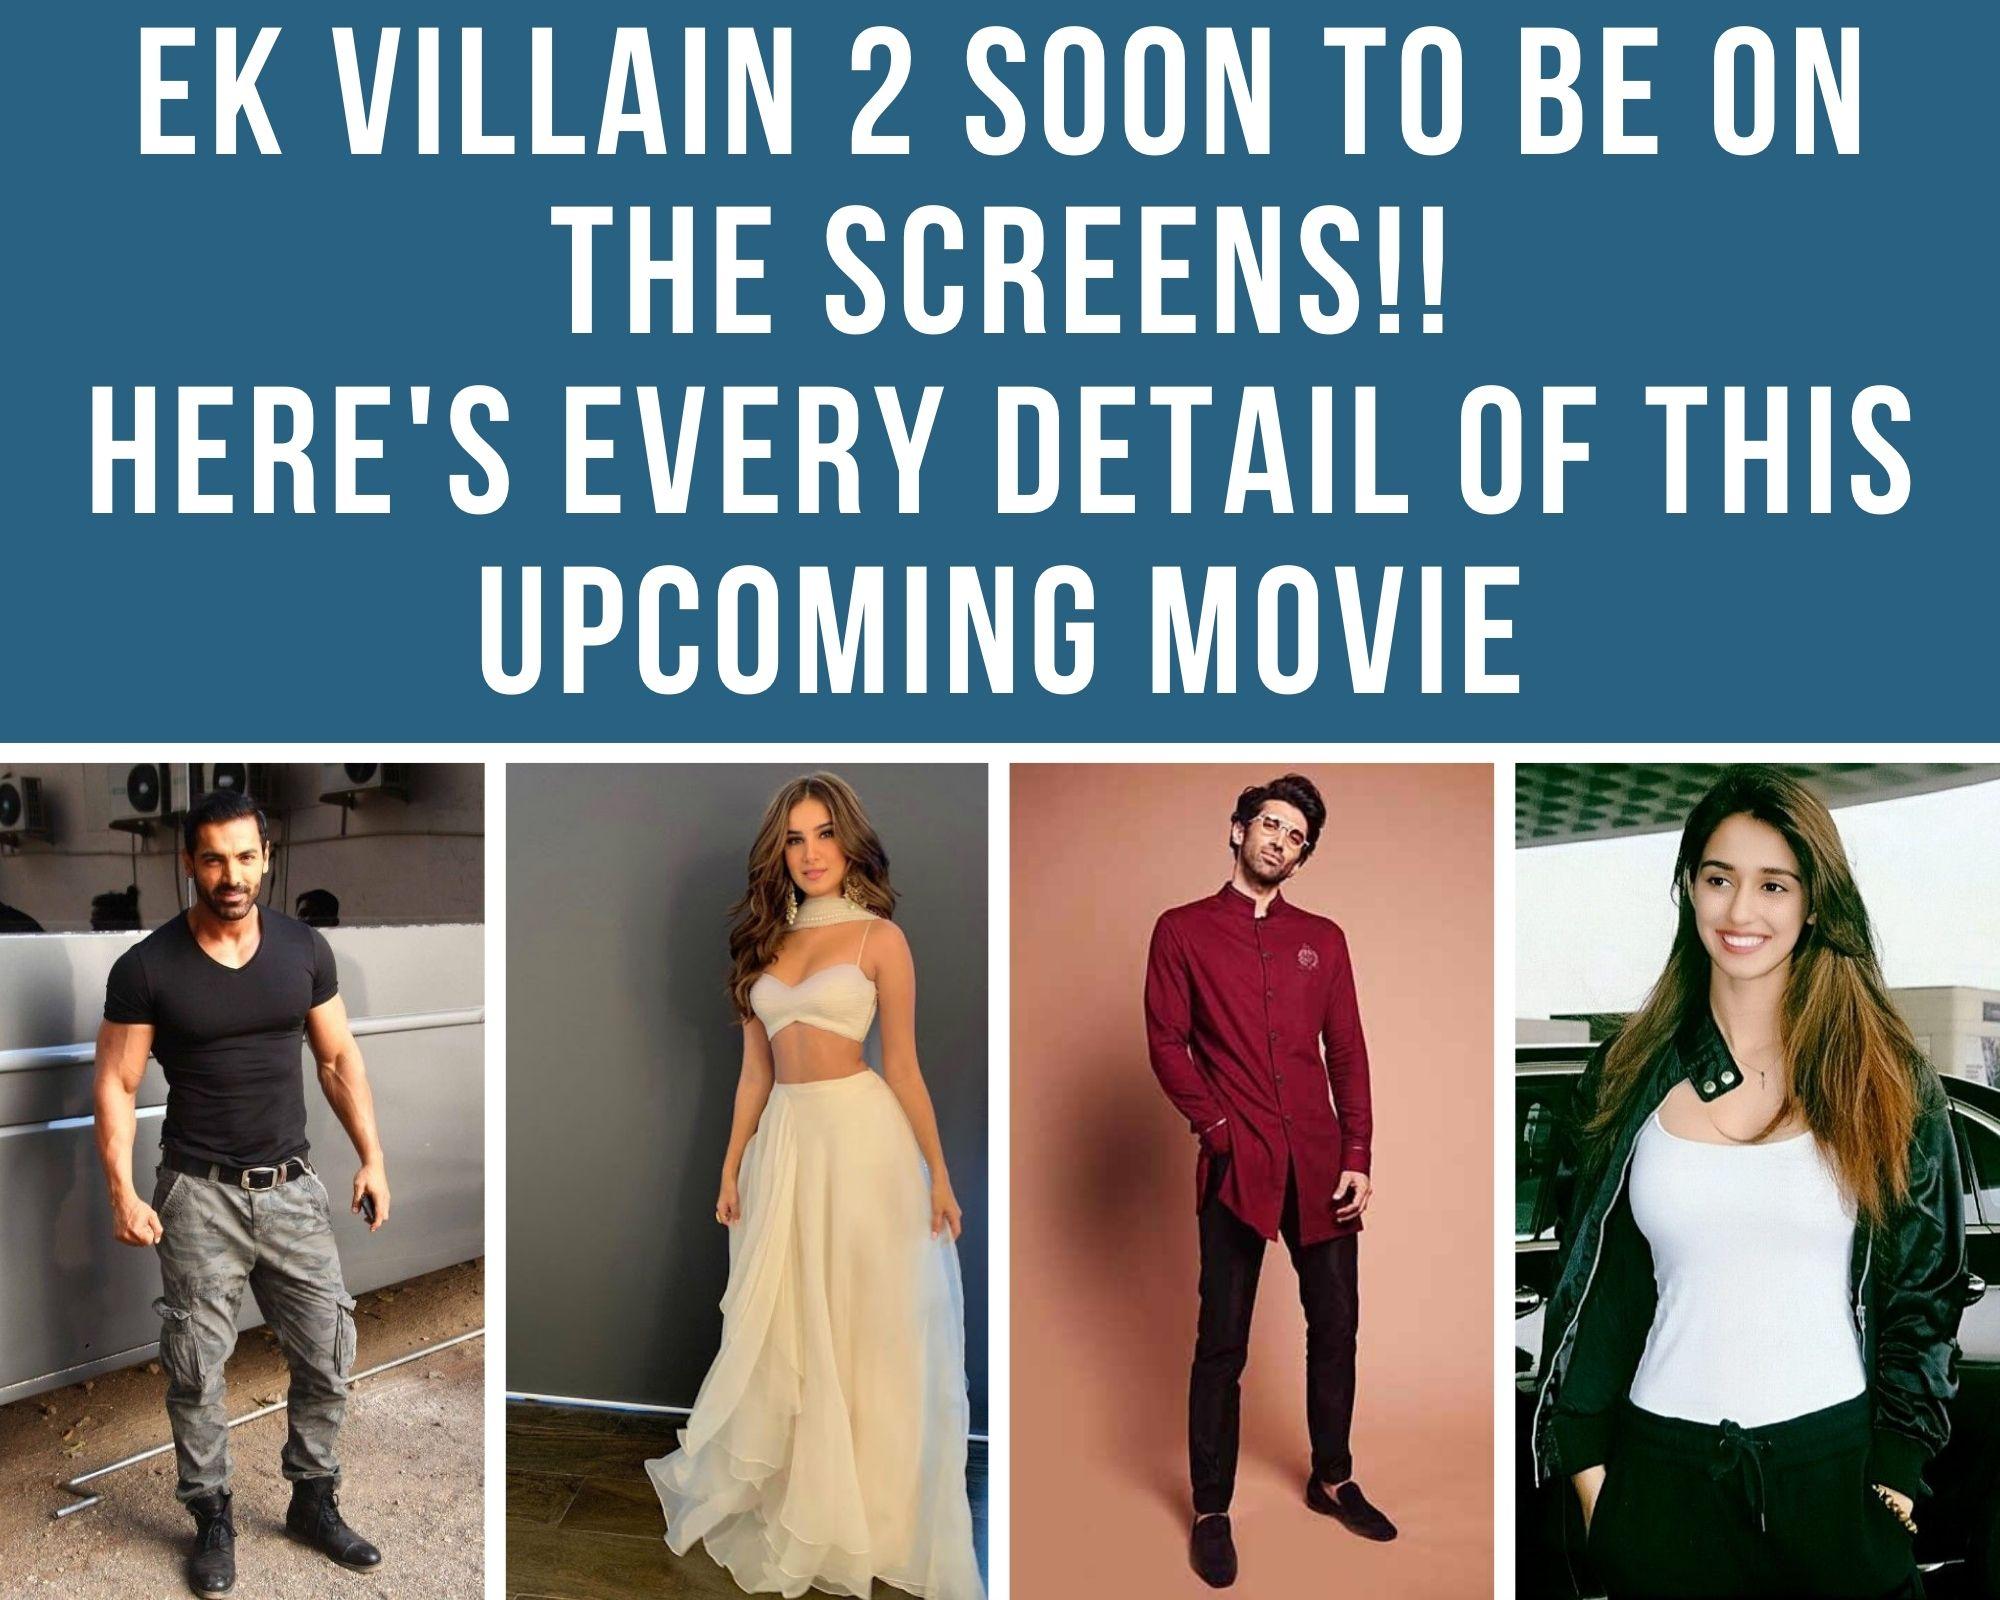 Trailer of ek villain 2